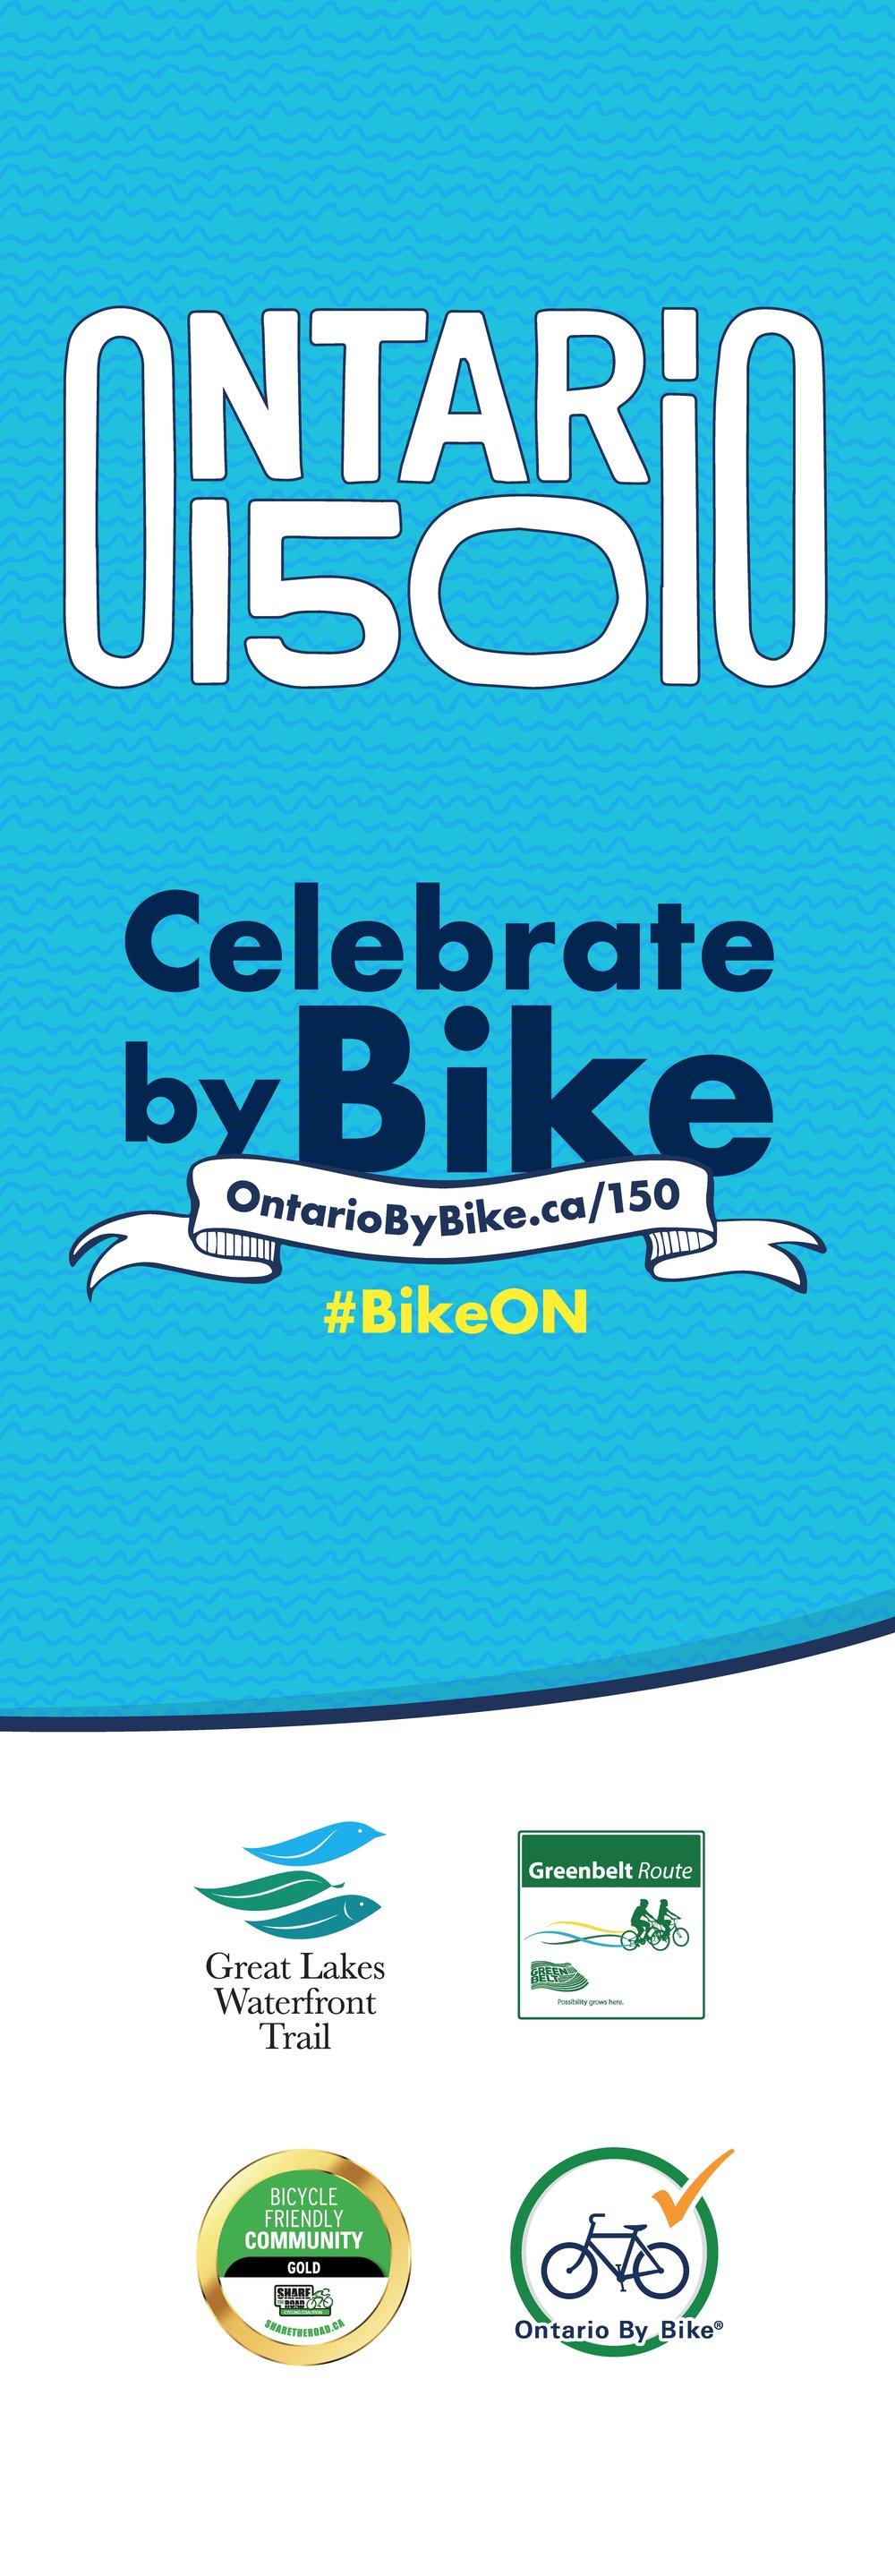 Ontario150-popup_banner-final -BikeON.jpg